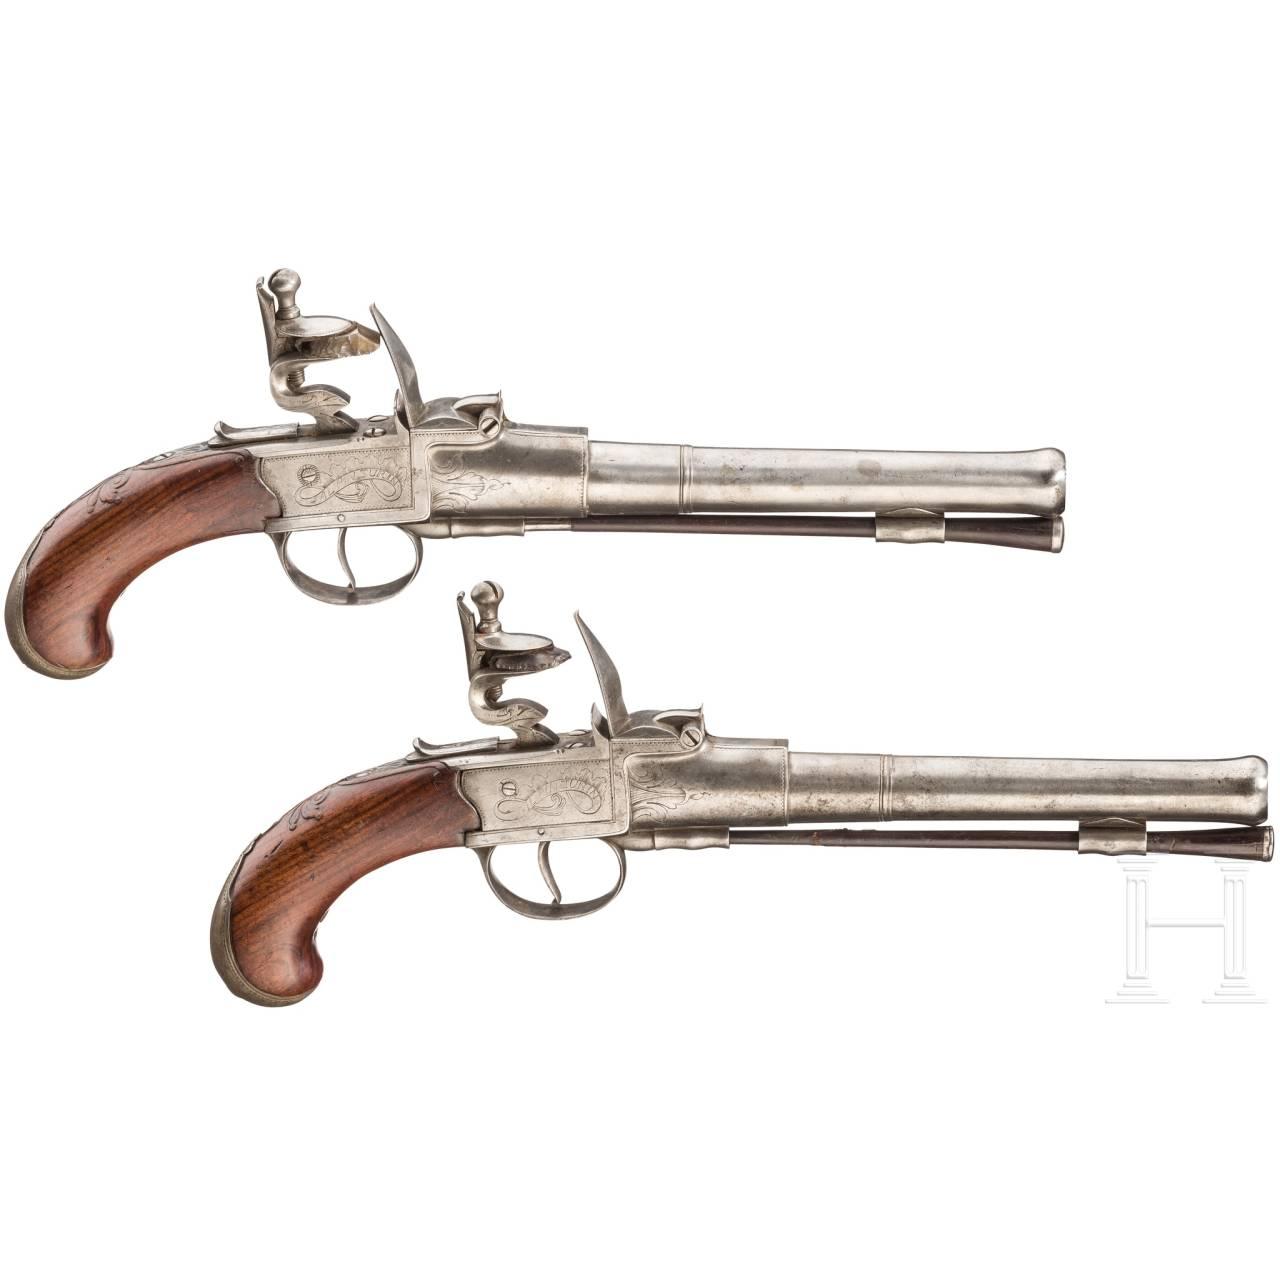 Ein Paar Steinschloss-Reisepistolen, Turin, um 1780